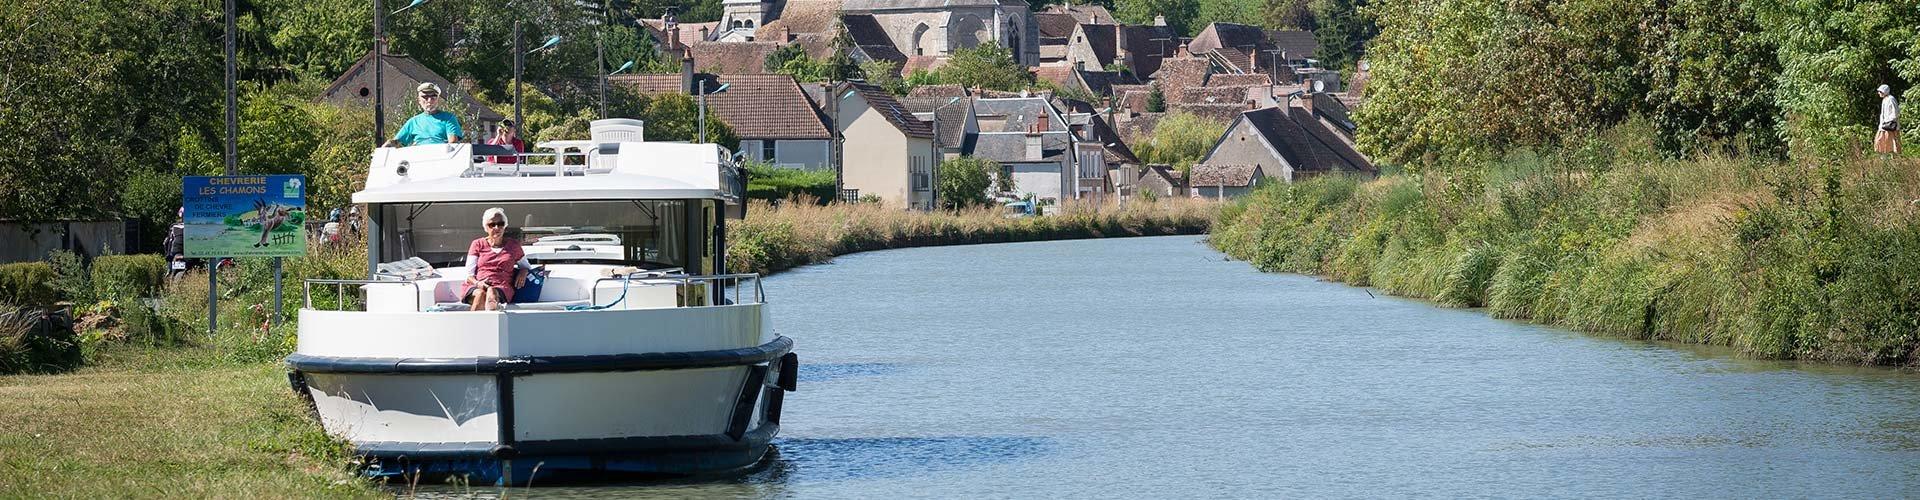 Noleggio Barche senza patente Borgogna